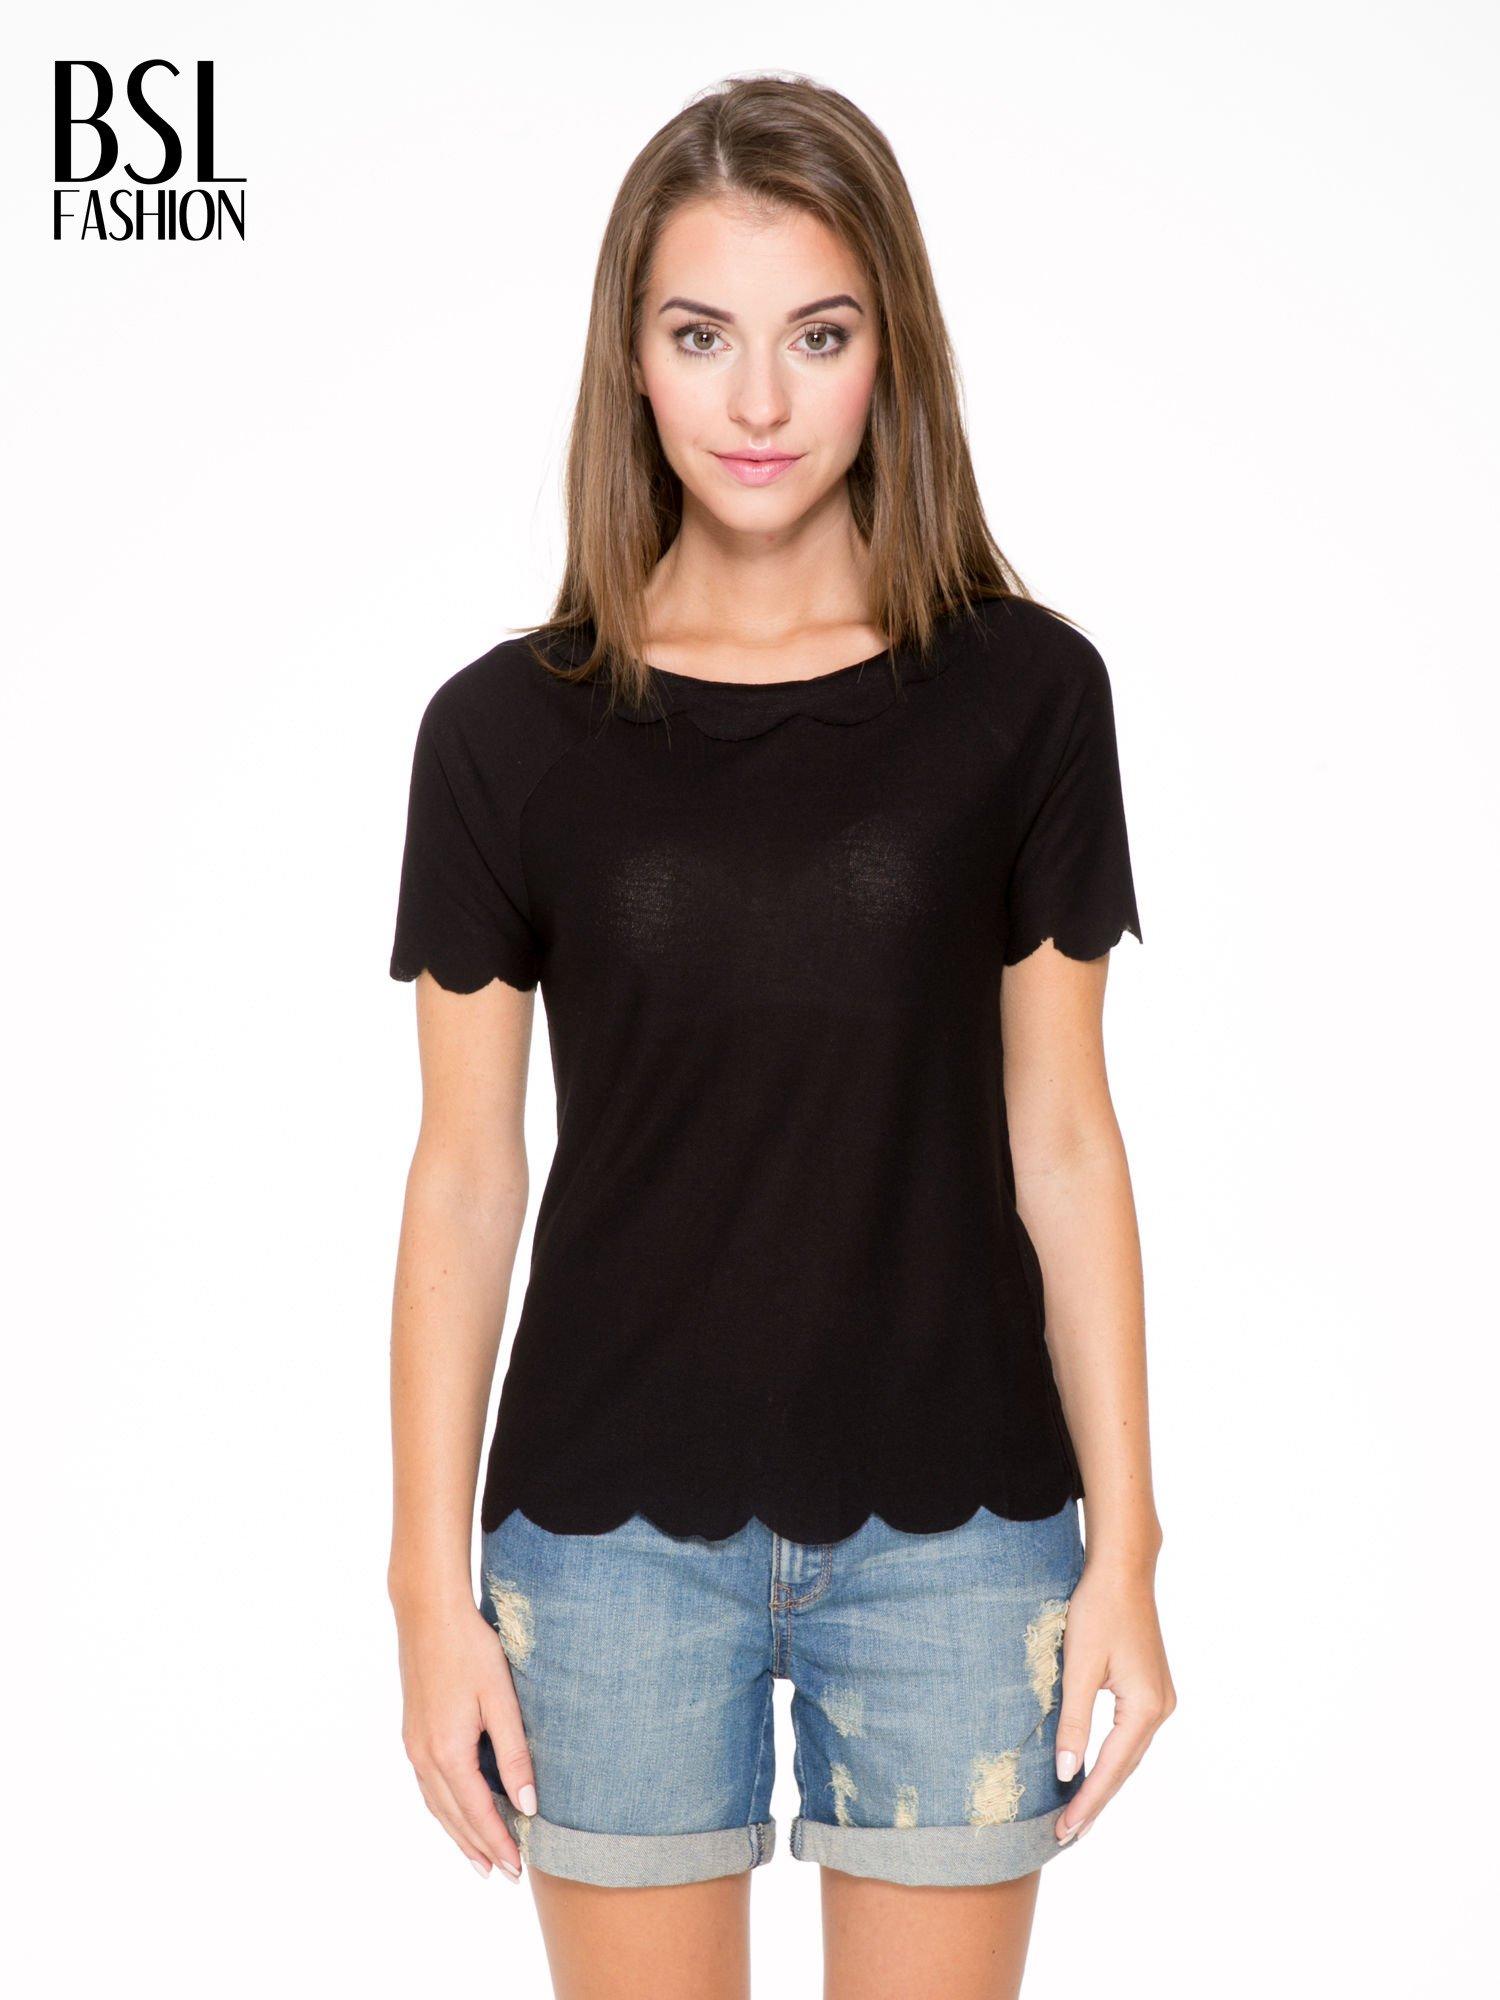 Czarny t-shirt z ozdobnym wykończeniem                                  zdj.                                  1